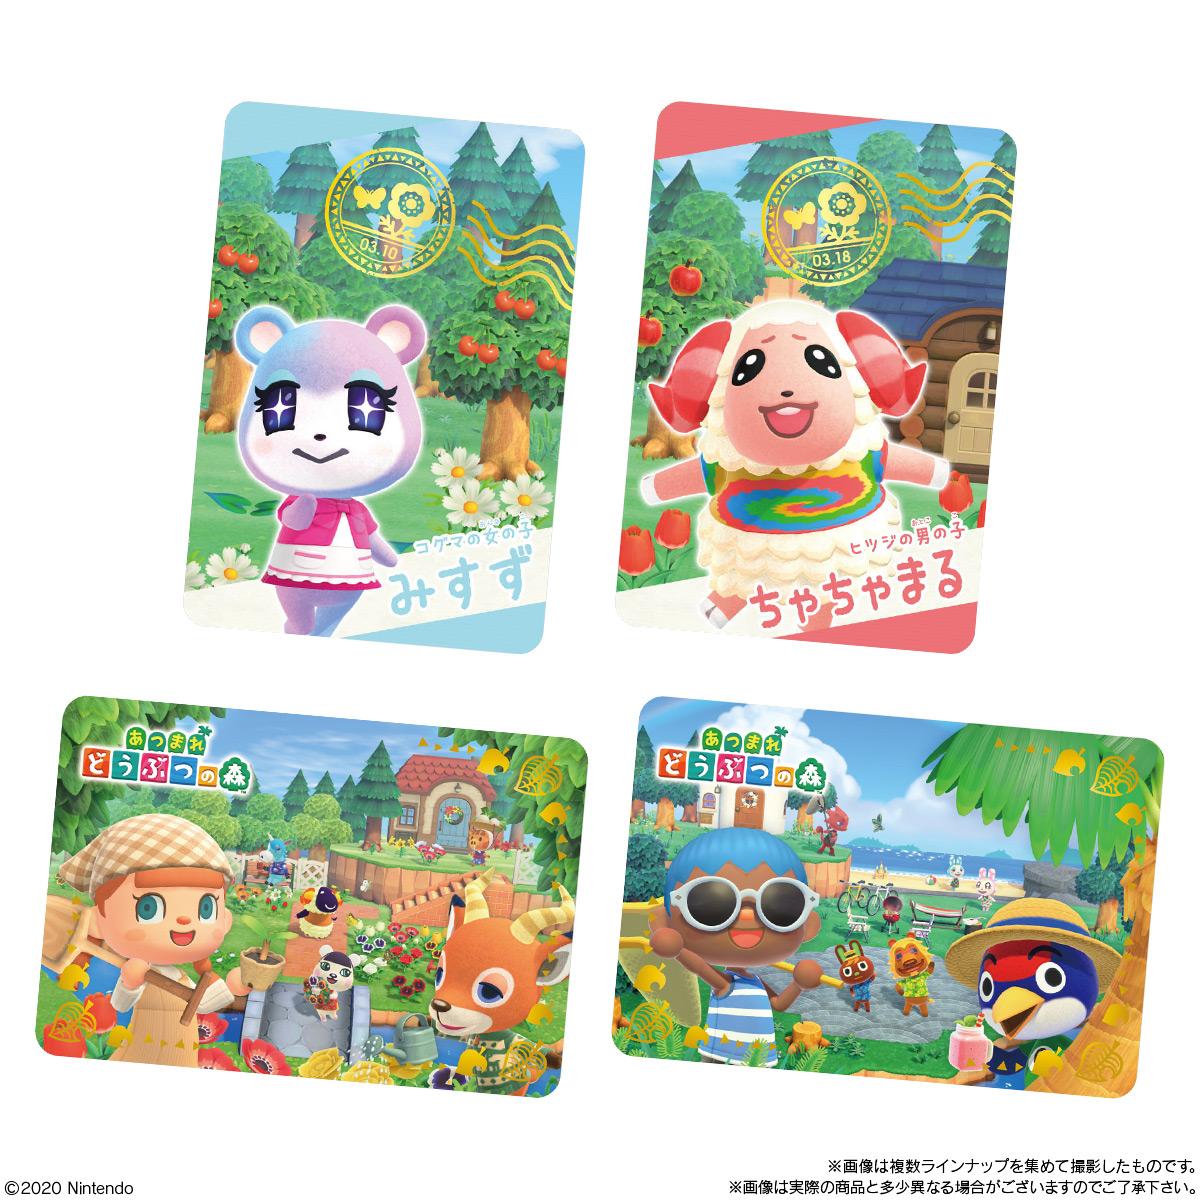 【食玩】あつ森『あつまれ どうぶつの森 カードグミ』20個入りBOX-004